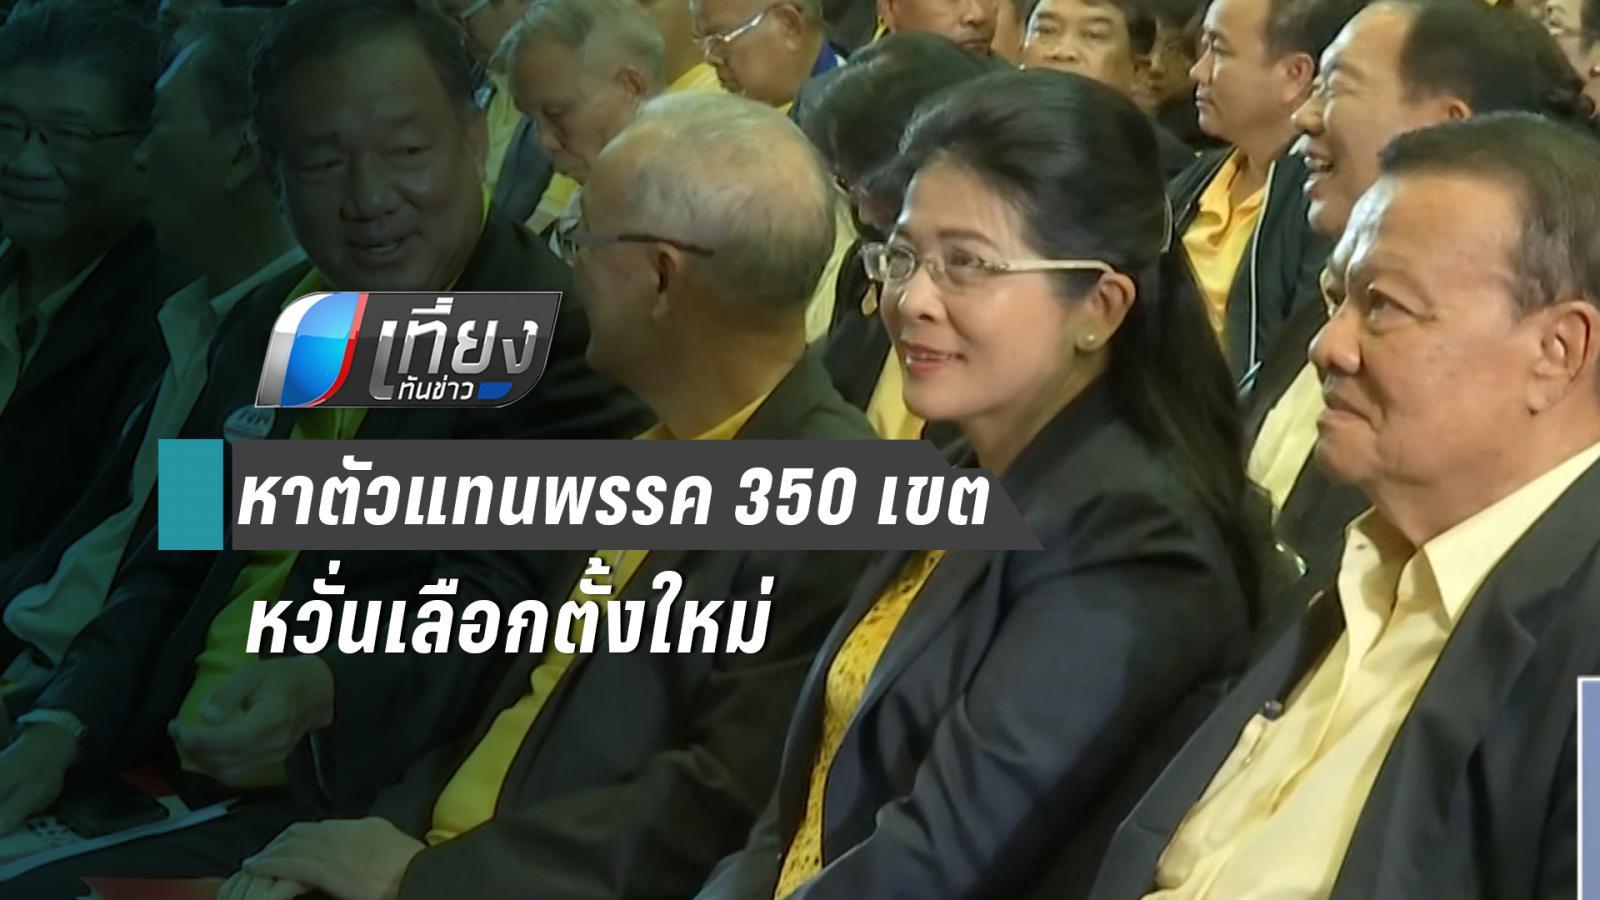 เพื่อไทย เฟ้นหาตัวแทนพรรค 350 เขต หวั่นเลือกตั้งใหม่